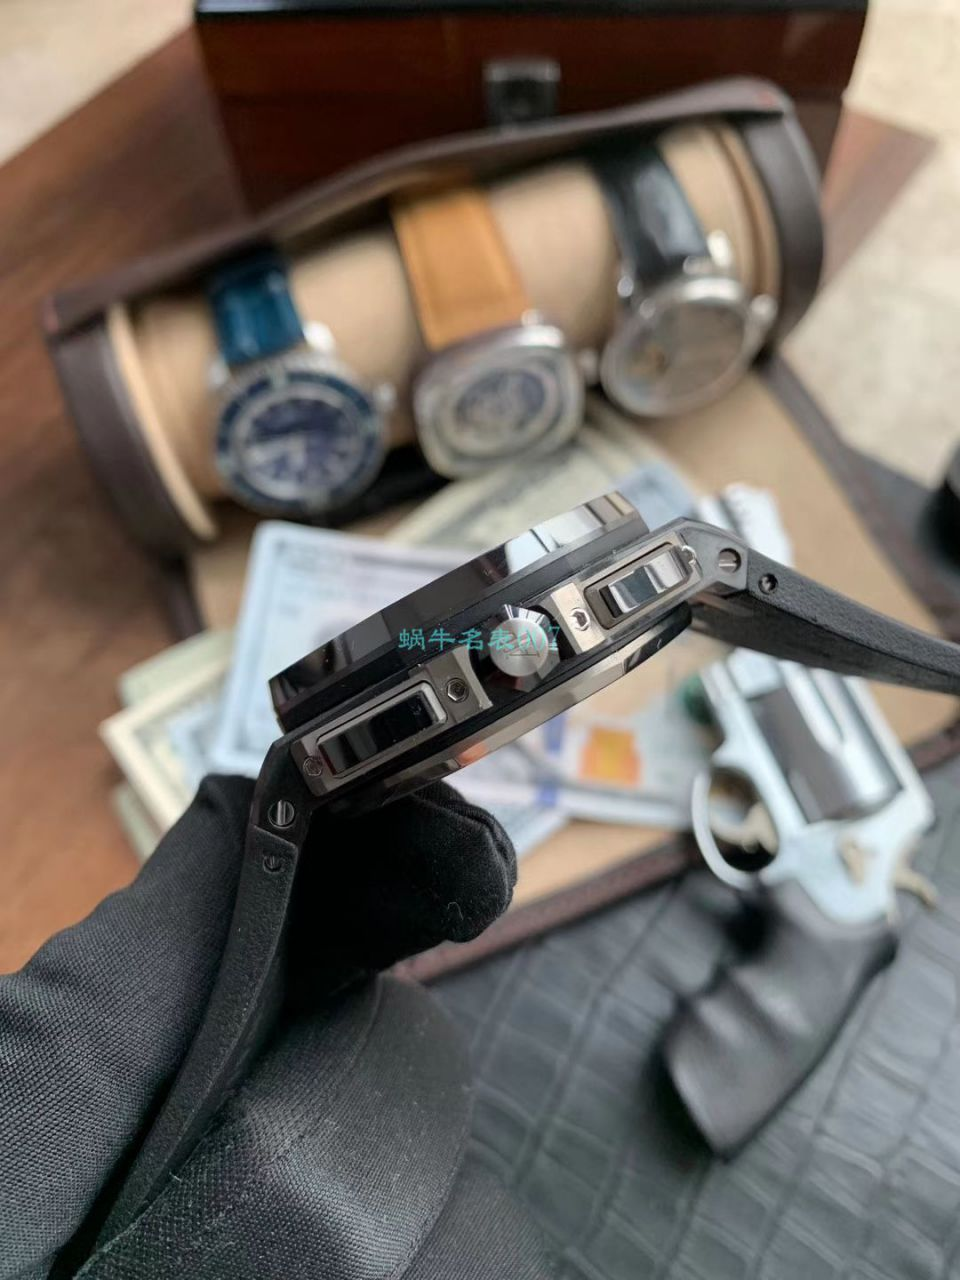 视频评测JF厂顶级复刻AP爱彼皇家橡树离岸型26400AU.OO.A002CA.01腕表